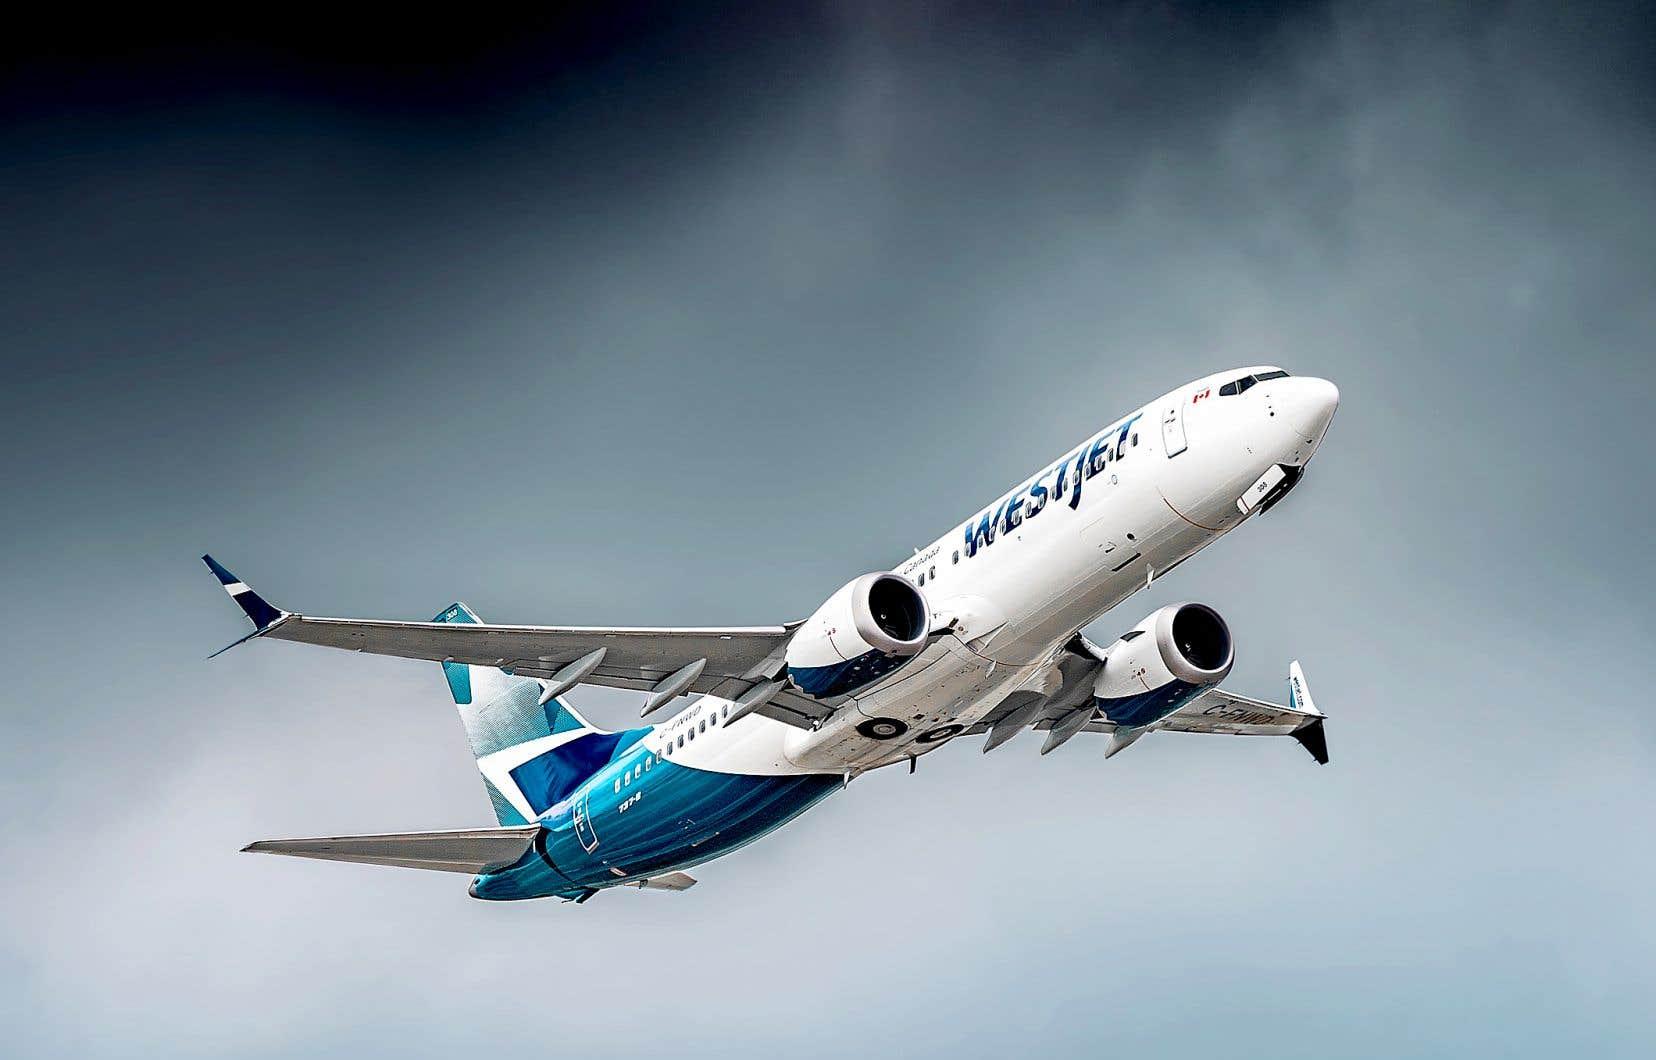 Les avions seront autorisés à voler uniquement s'ils respectent certaines conditions, notamment de permettre aux pilotes de désactiver le système d'avertissement défectueux qui avait été au coeur des deux écrasements en 2018 et en 2019.